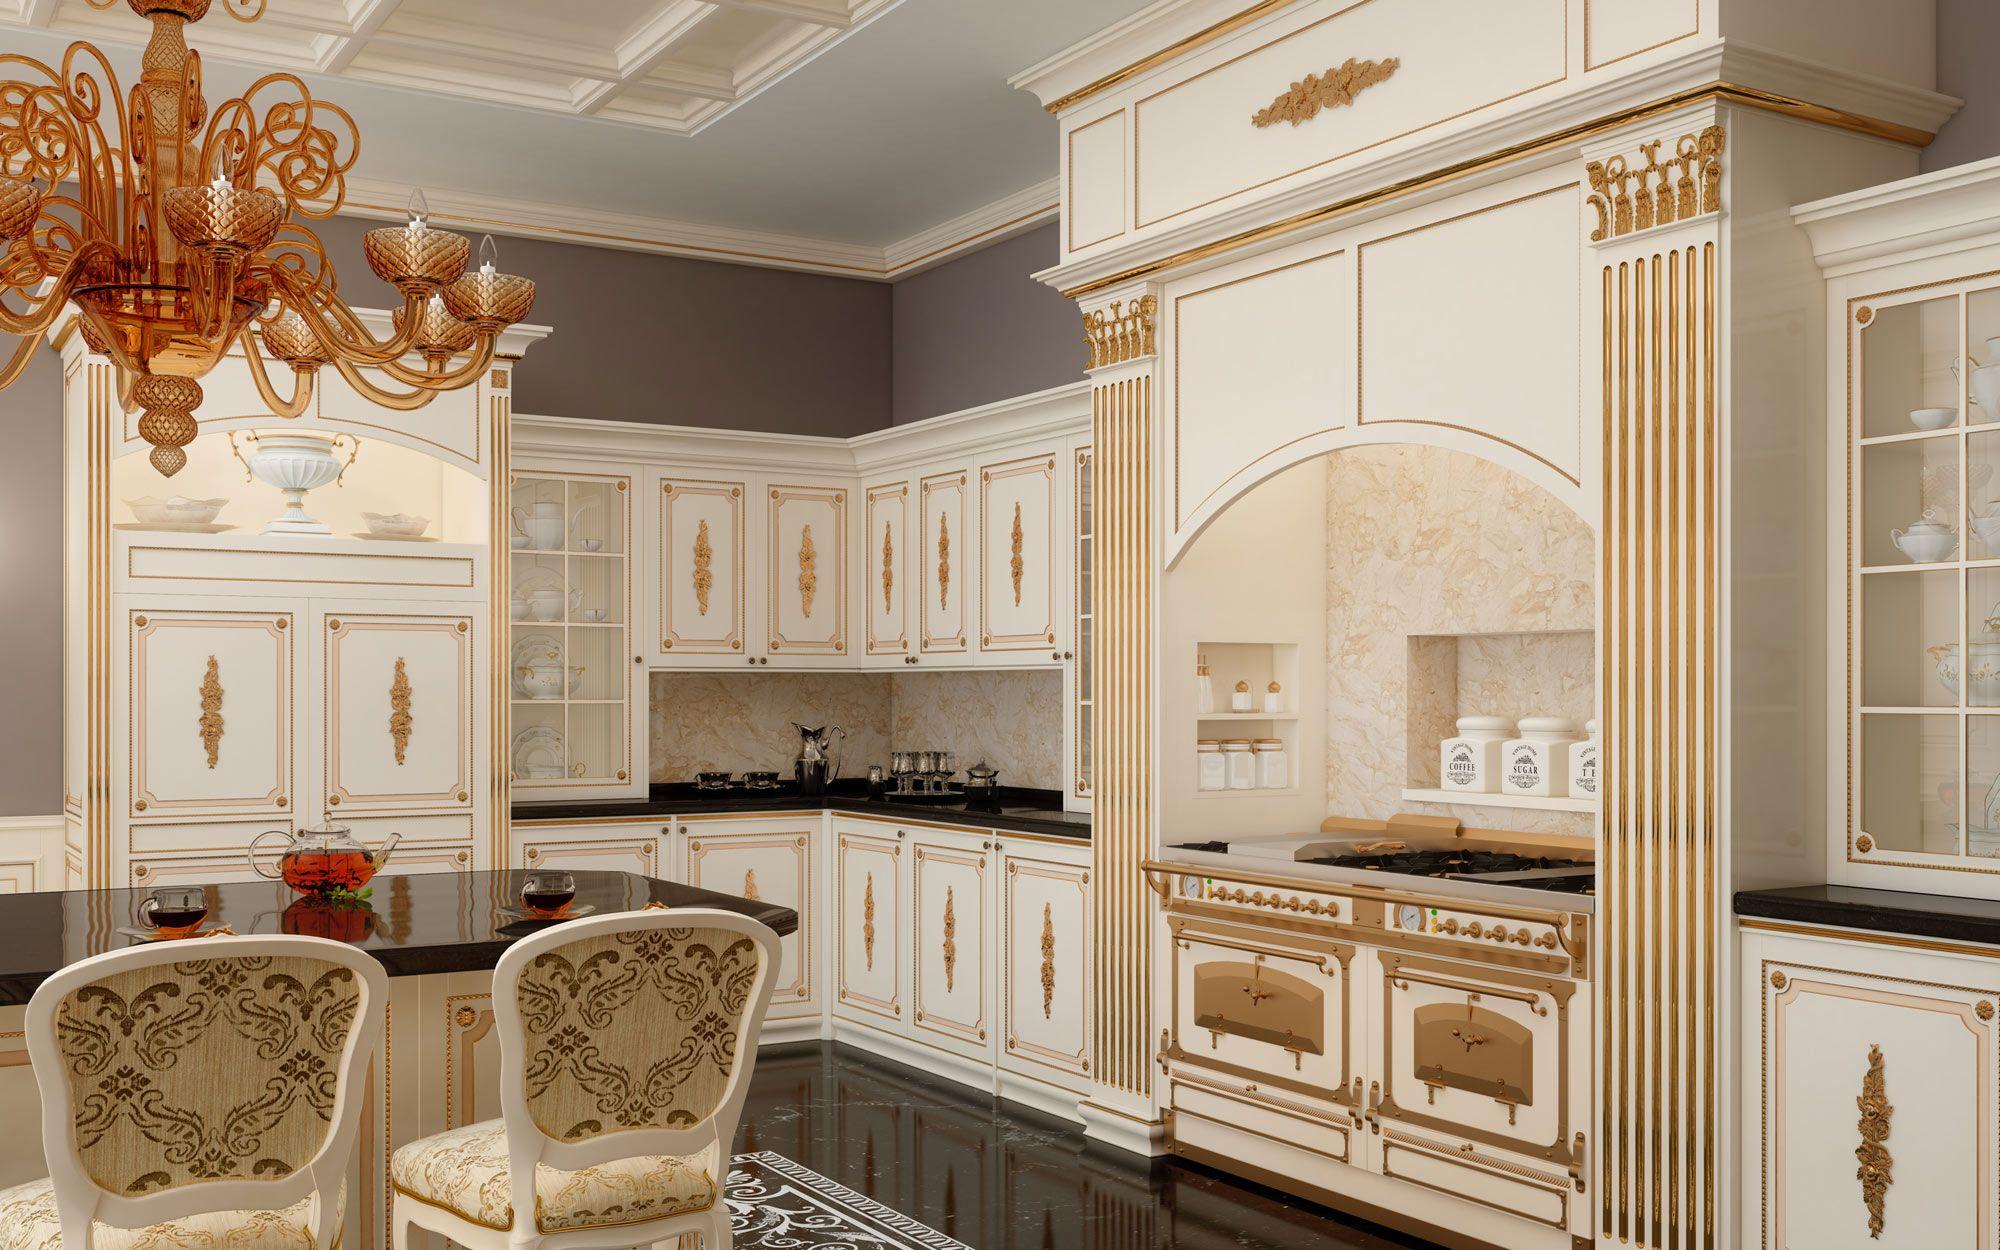 Cucine Classiche Su Misura Modello Veruska Luxury